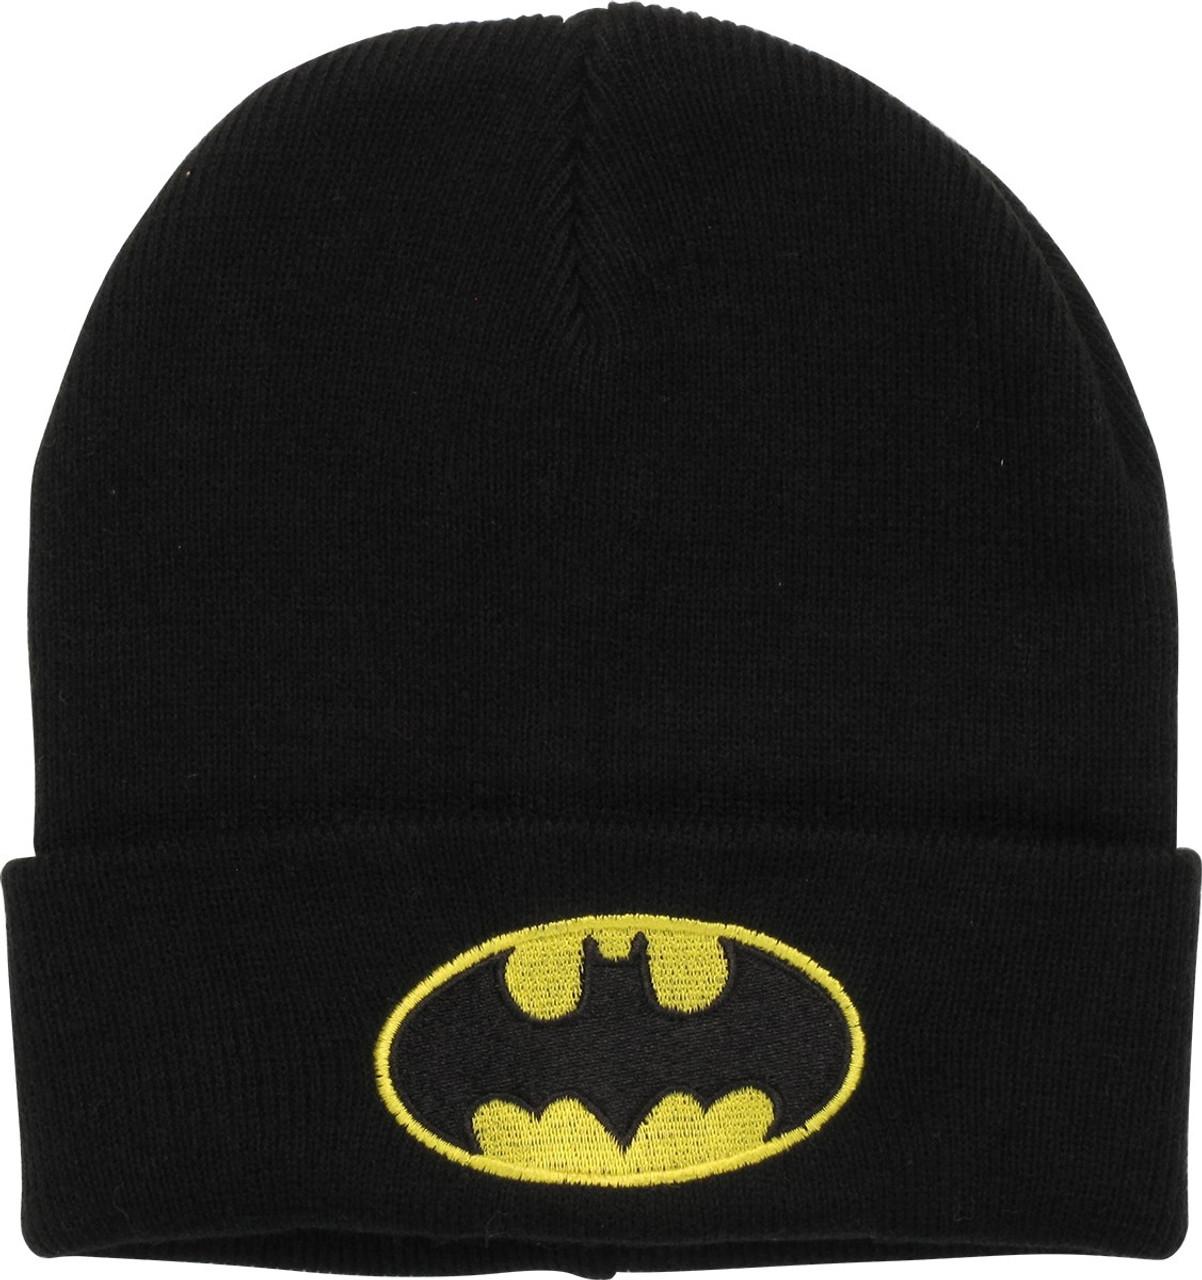 20a1ad4e1f2 Batman Basic Logo Cuff Beanie